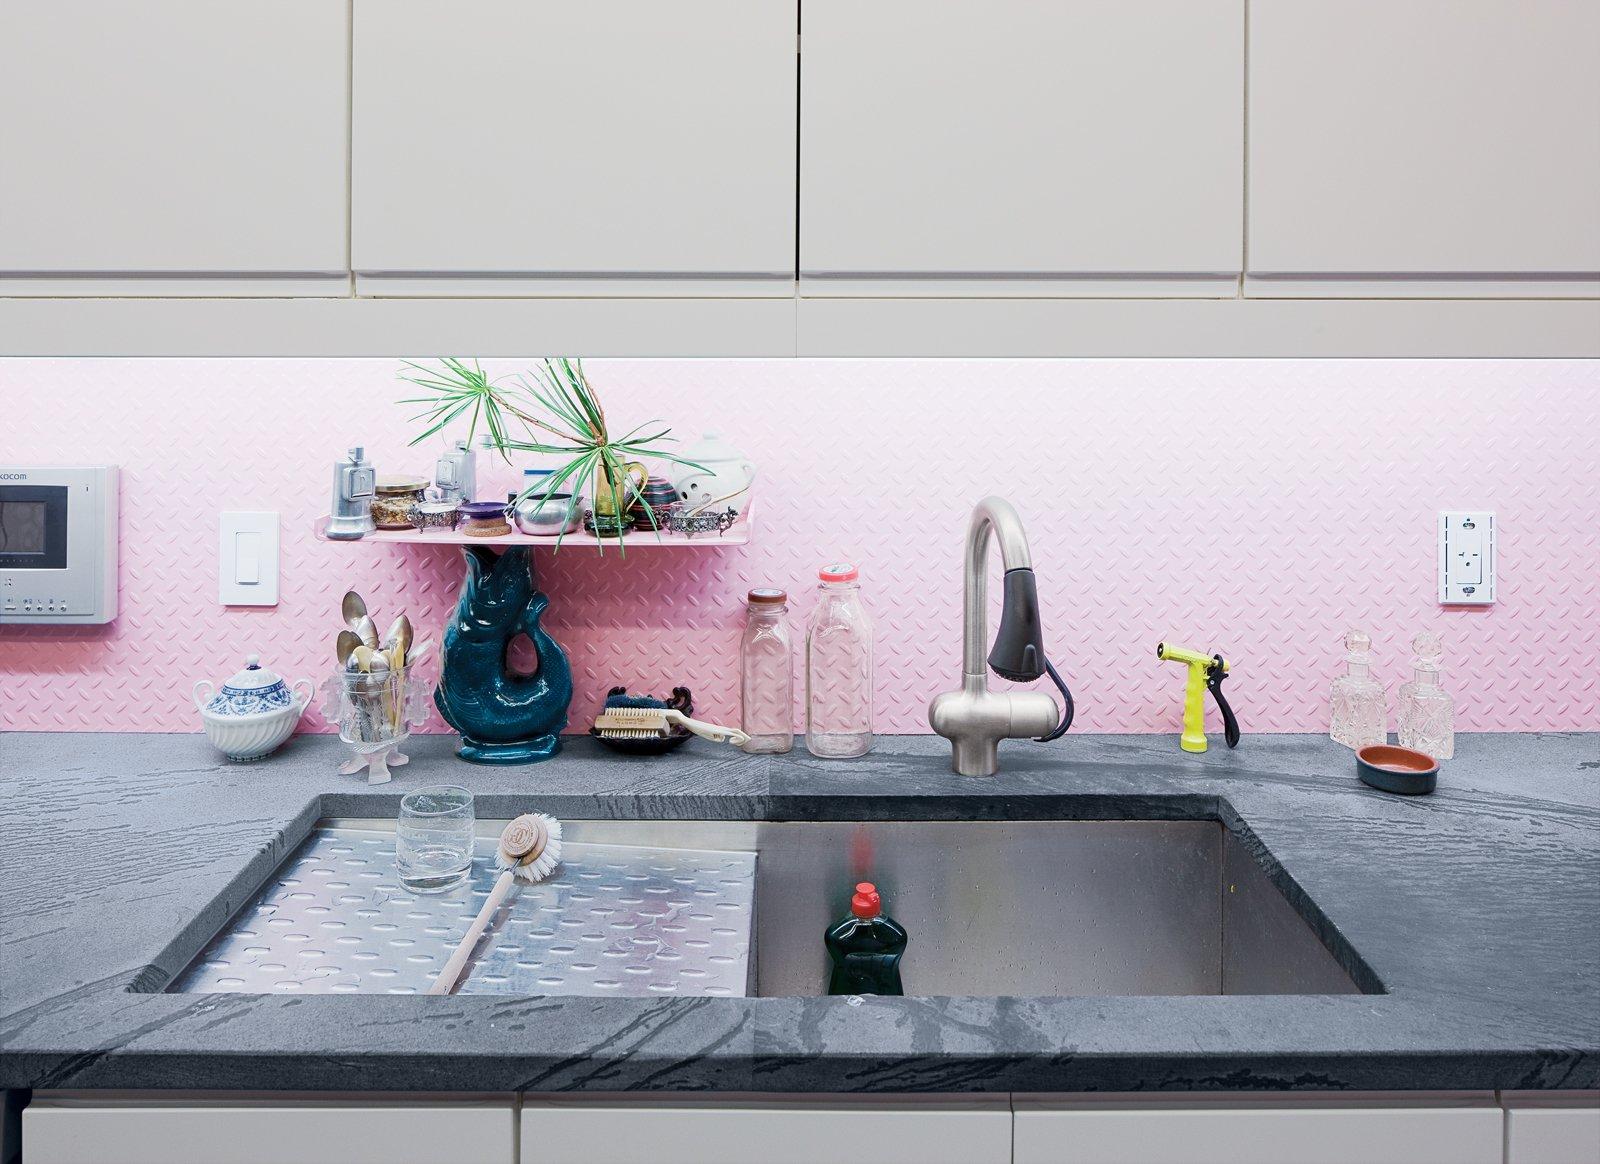 LOT-EK West Village apartment kitchen